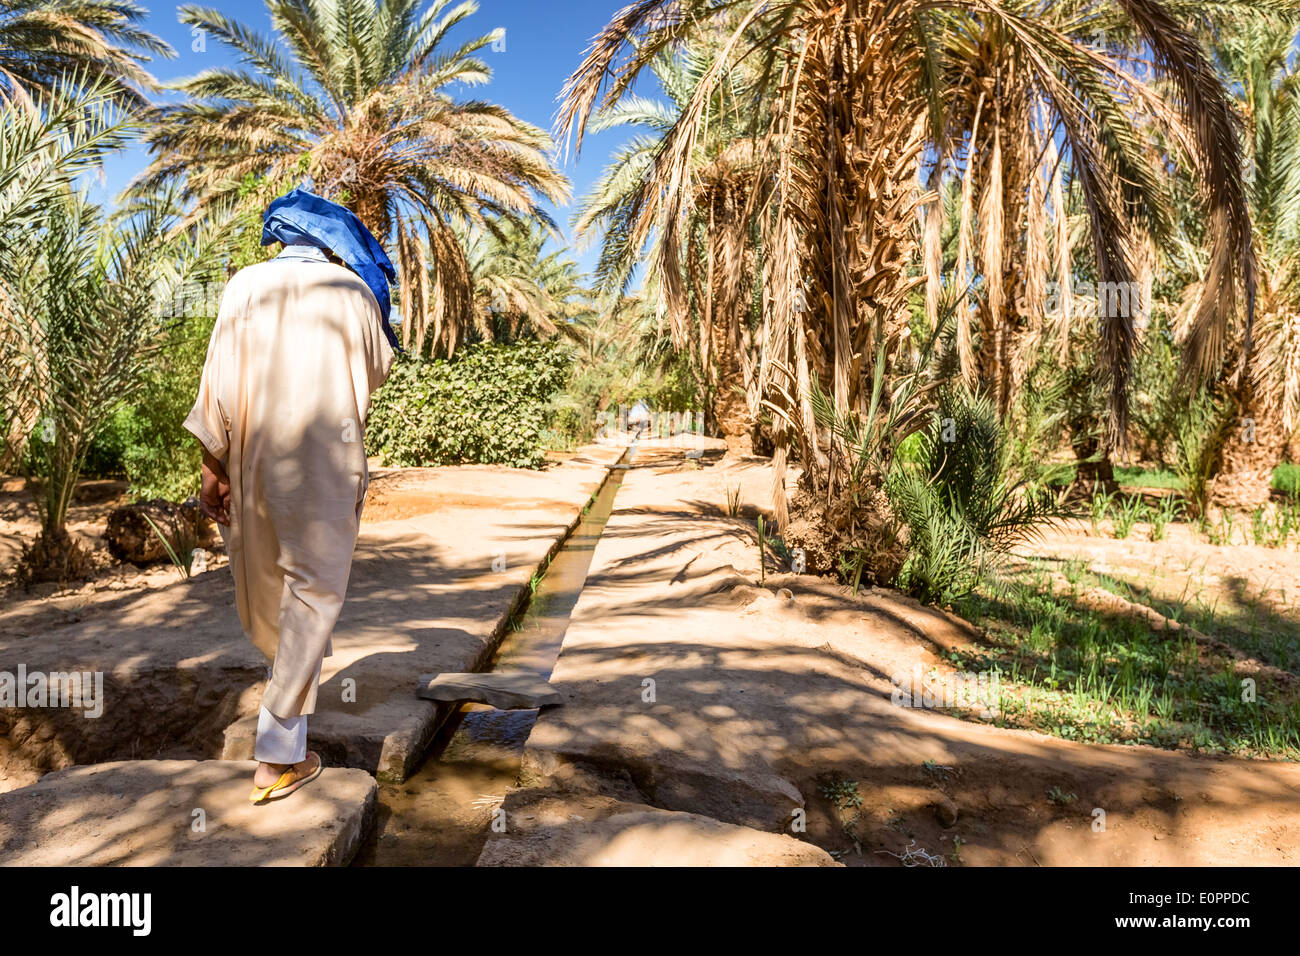 At Merzouga oasis, Merzouga, Morocco, Africa - Stock Image